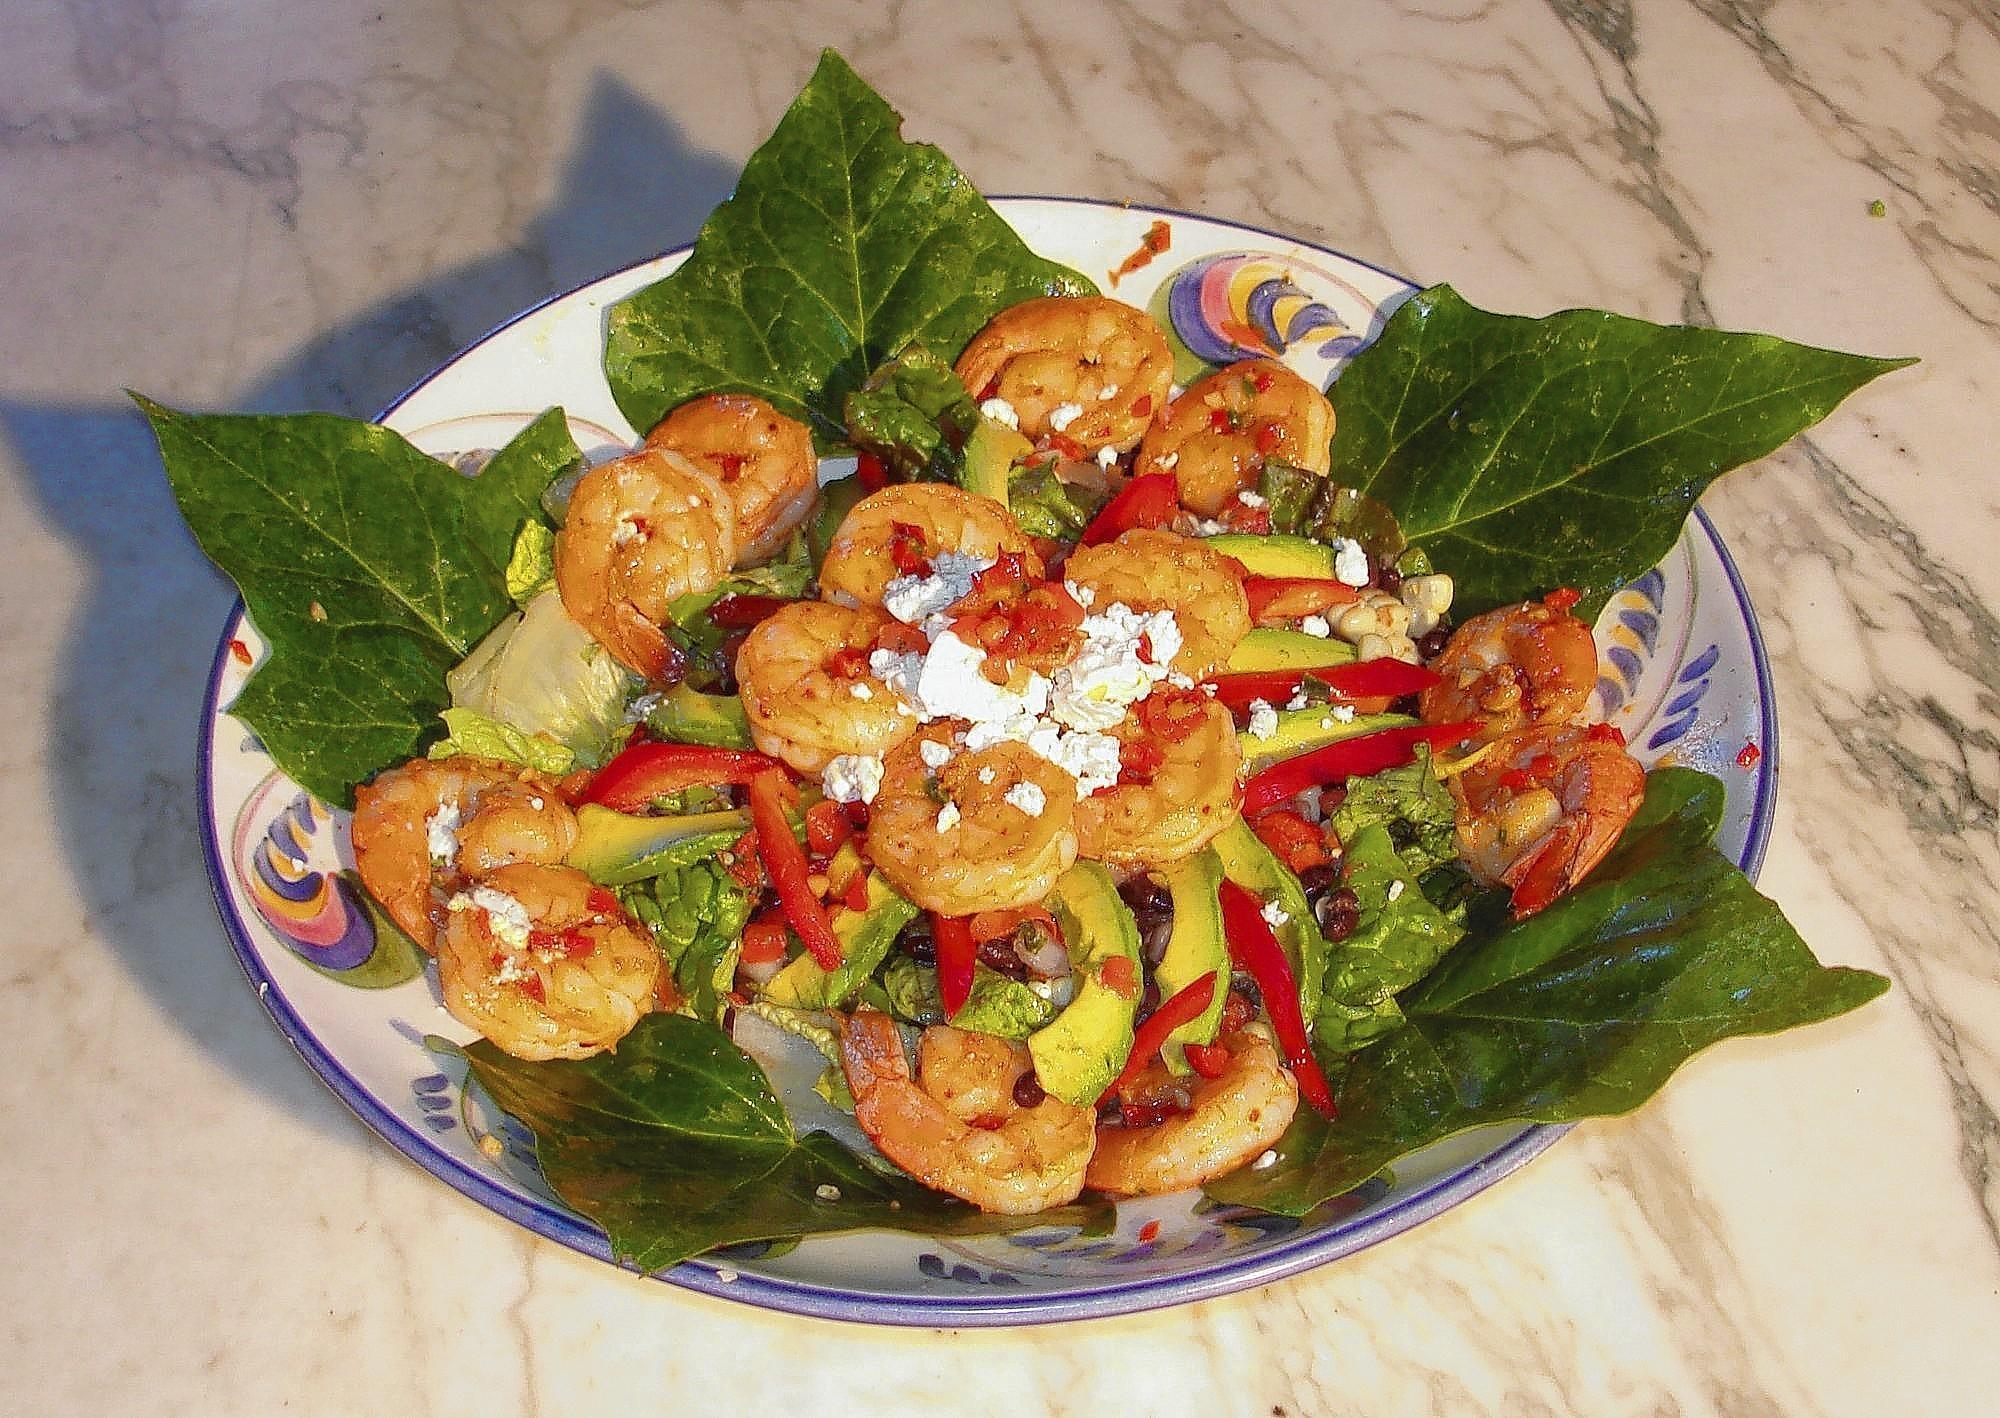 A Tex Mex shrimp salad,